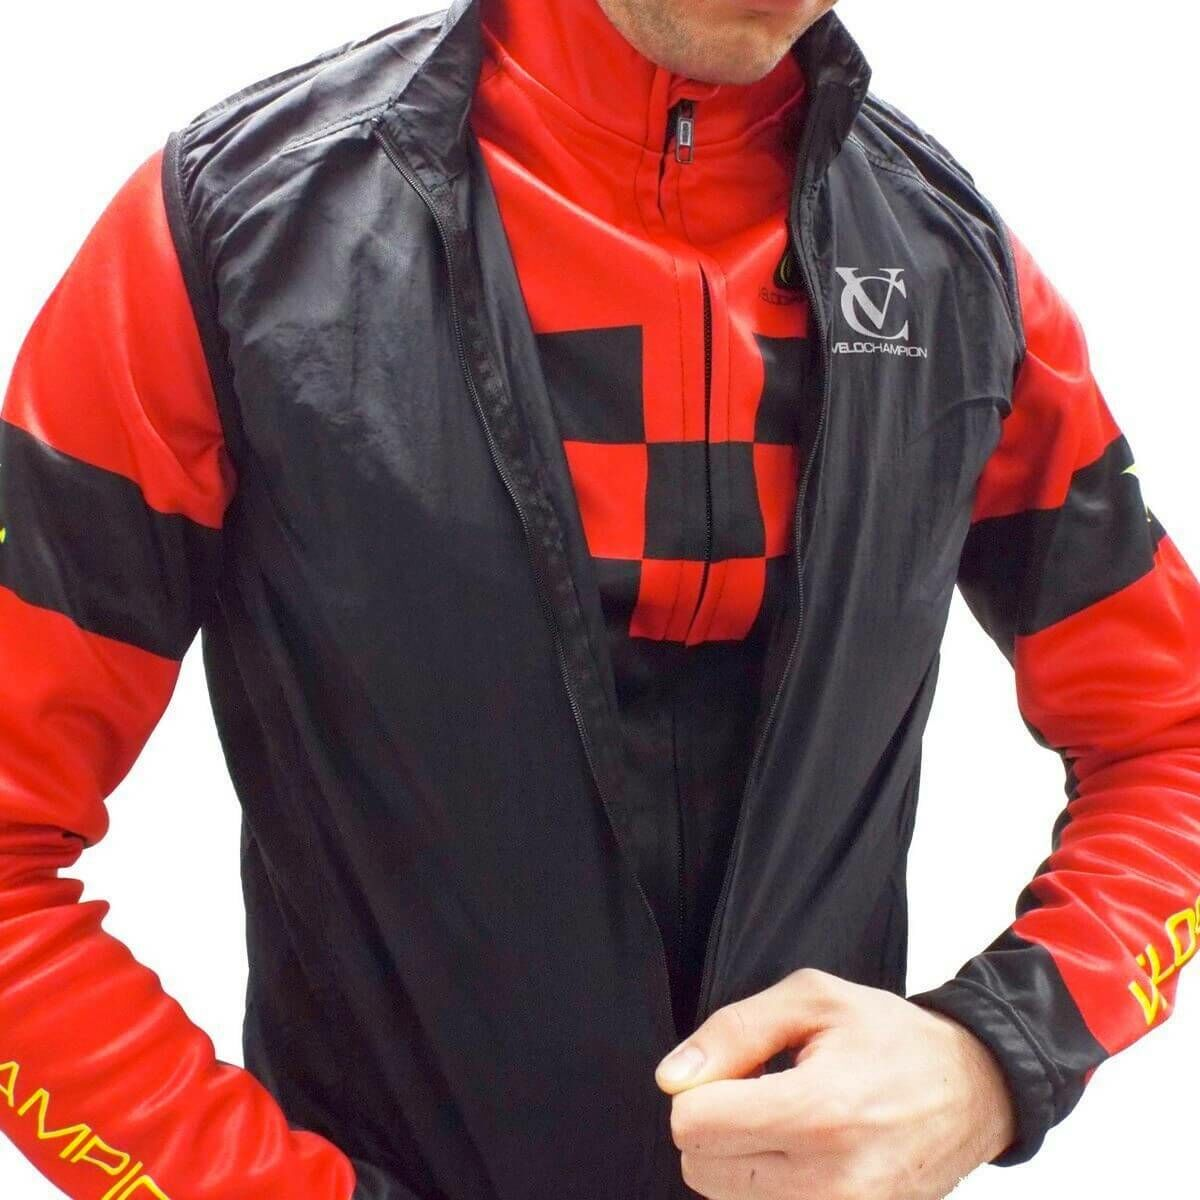 13_hogyan öltözködj kerékpározáshoz szélben hűvös időjárásban